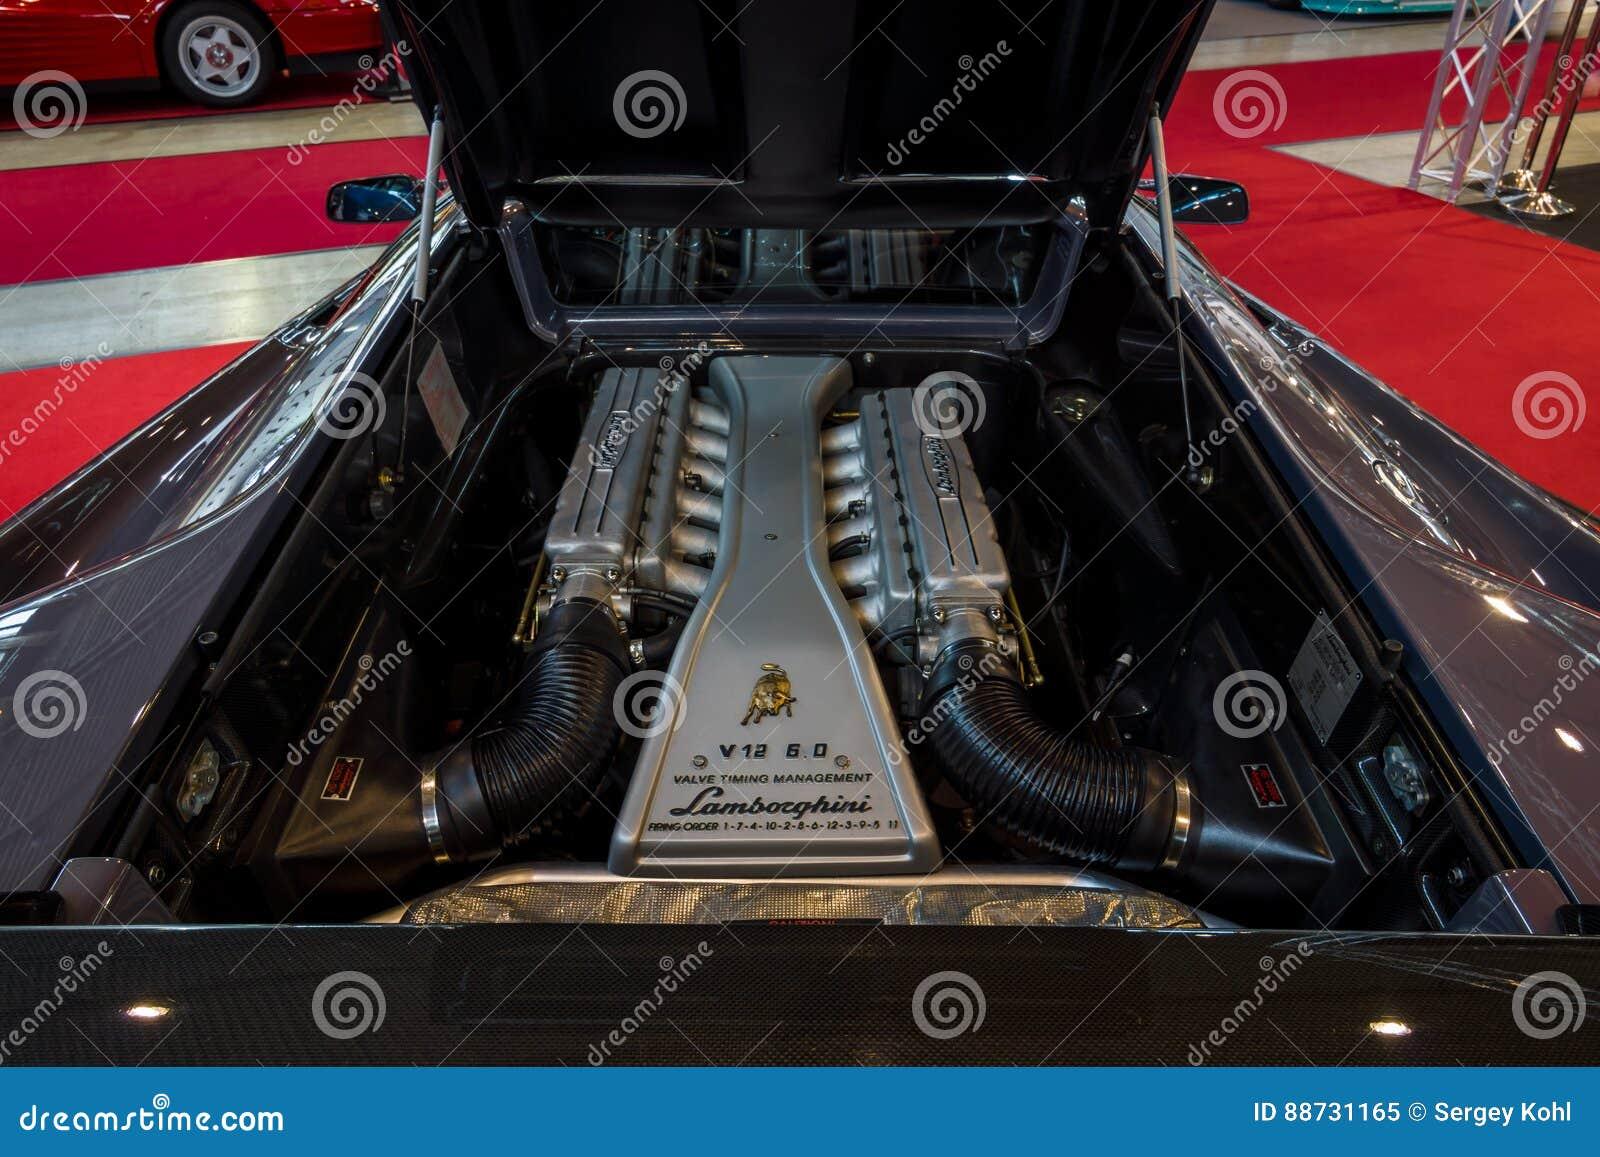 Engine Compartment Of A Sports Car Lamborghini Diablo Vt 6 0 2000